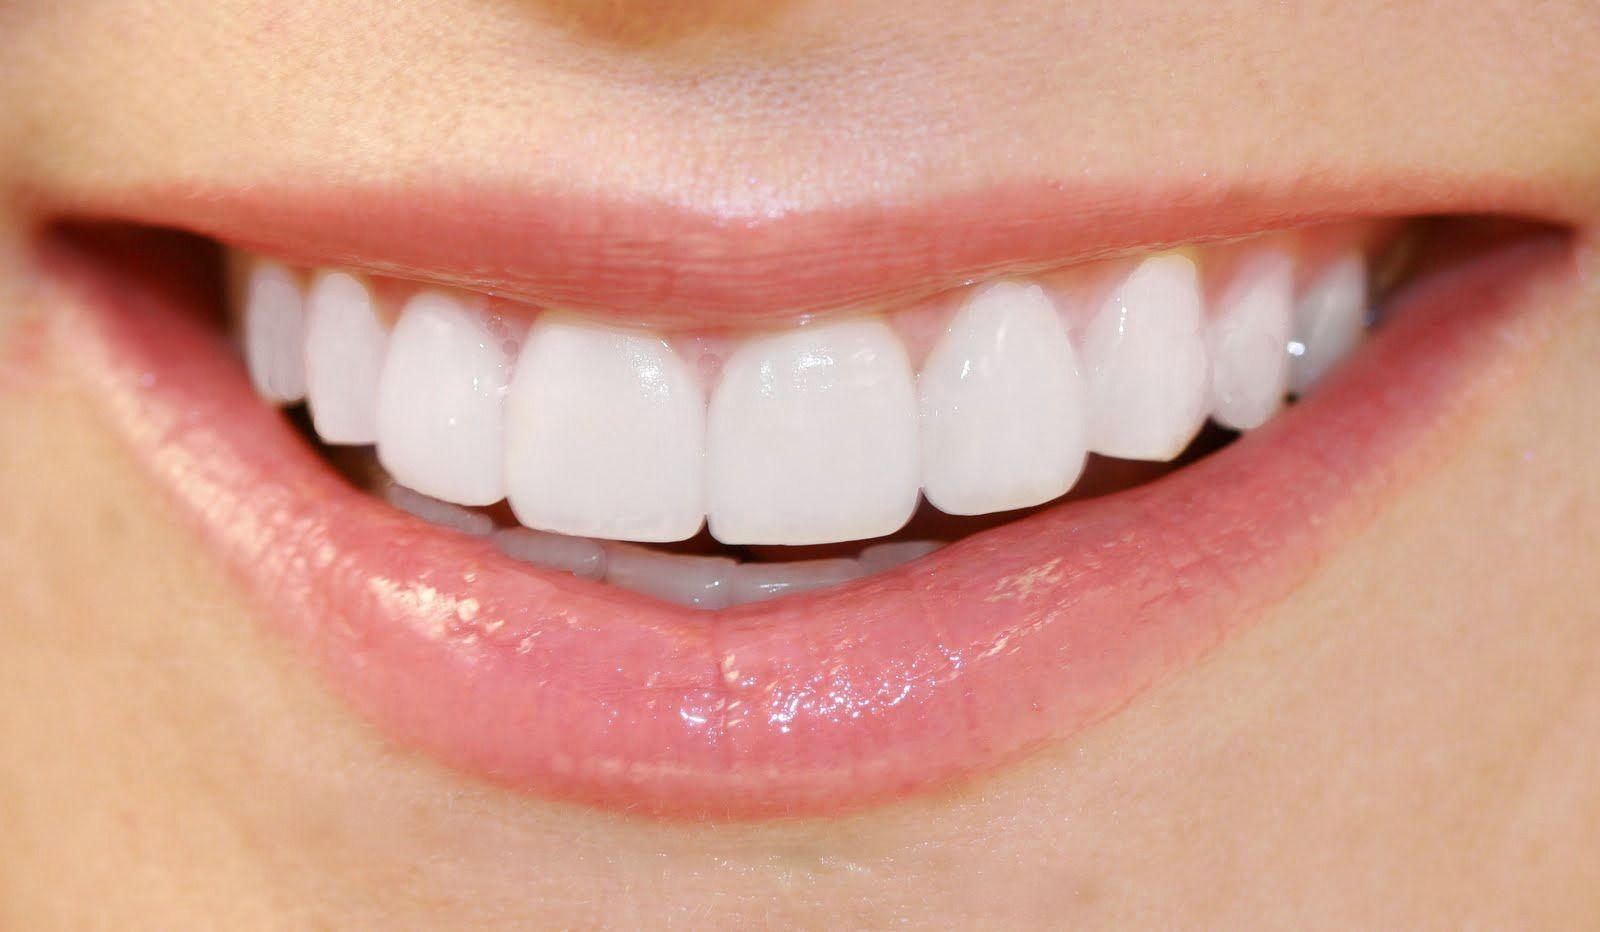 نتیجه درمان دندان مصنوعی